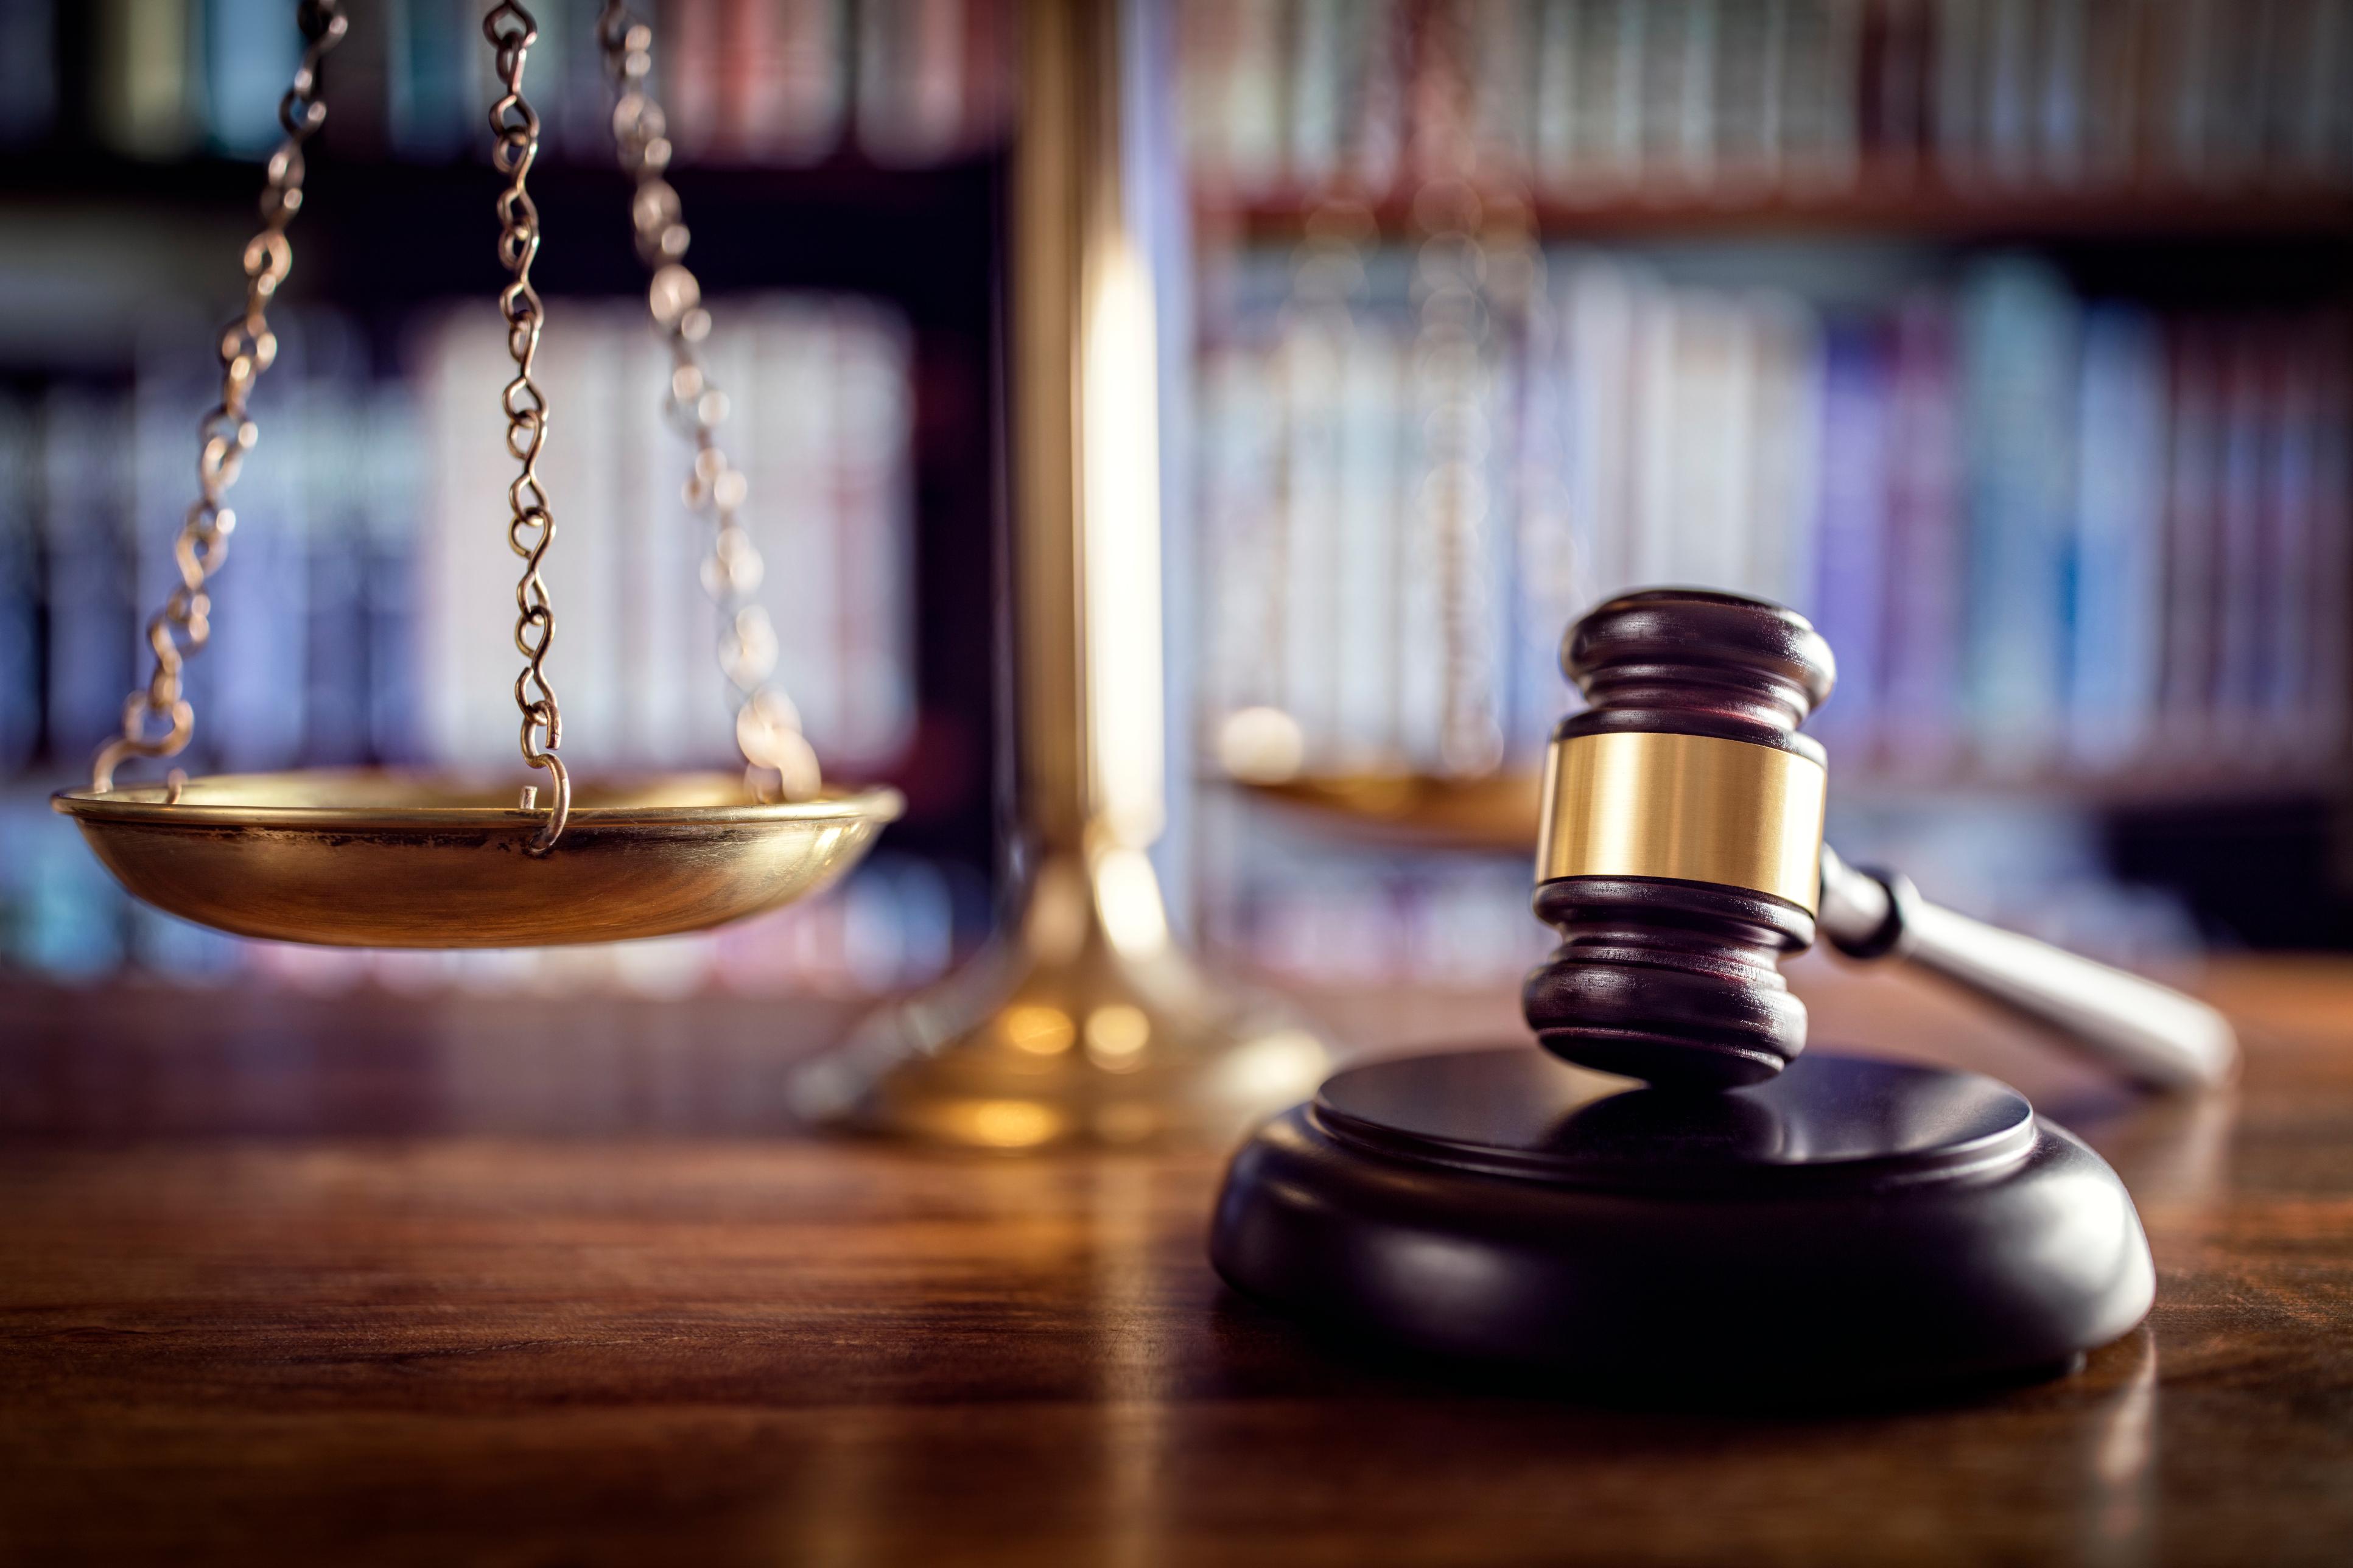 IMAGEM: Lei de Abuso de Autoridade traz insegurança jurídica, diz chefe da ANPR